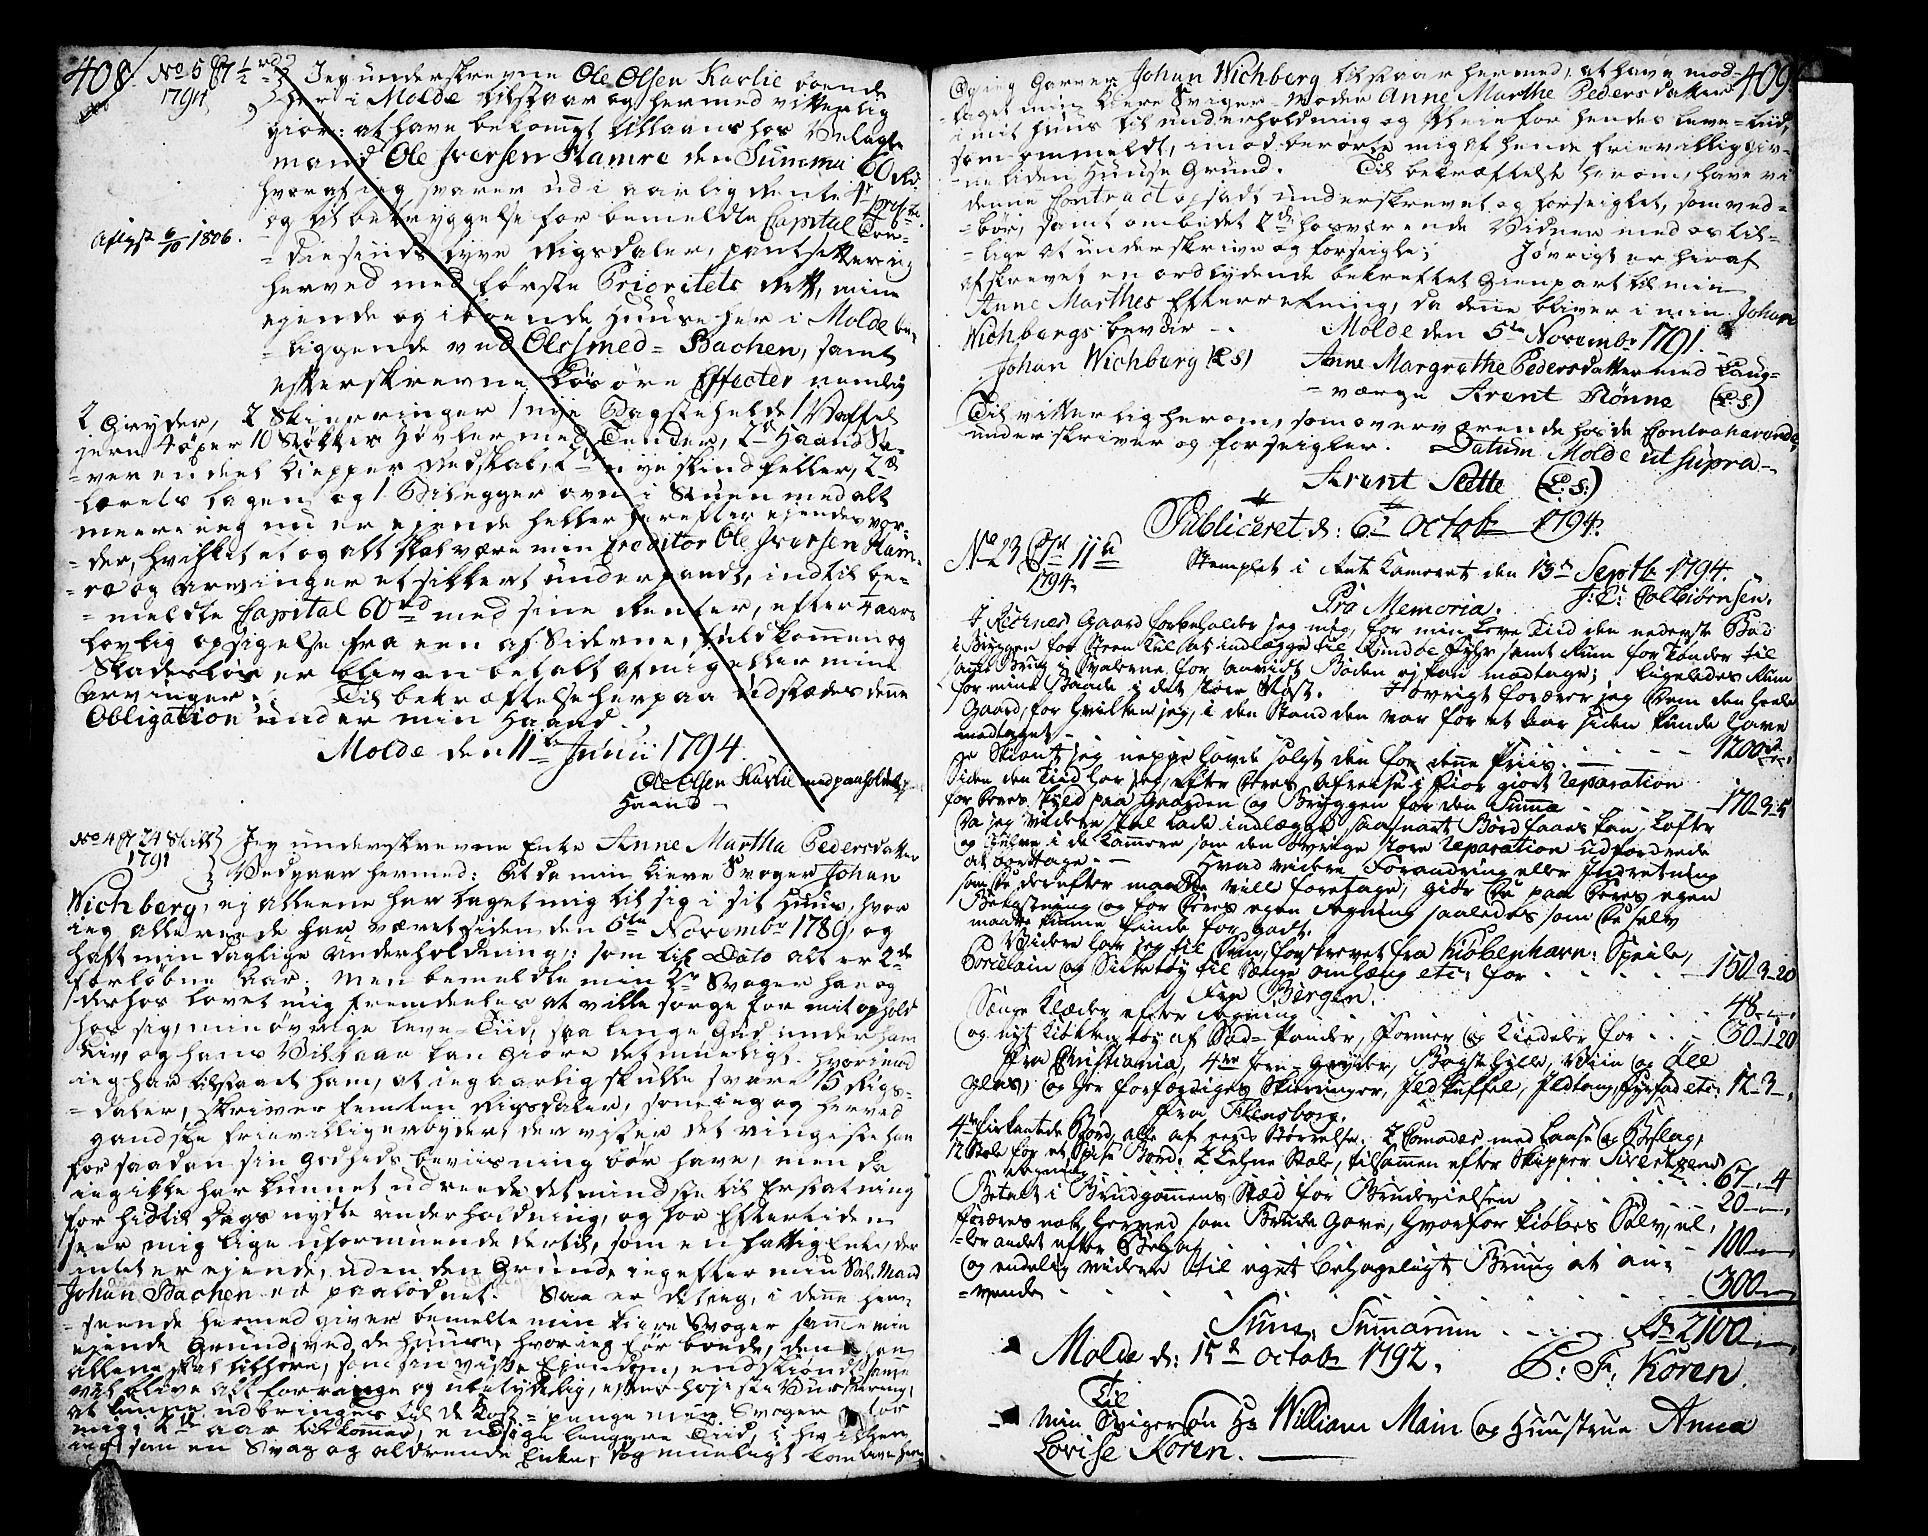 SAT, Molde byfogd, 2/2C/L0001: Pantebok nr. 1, 1748-1823, s. 408-409